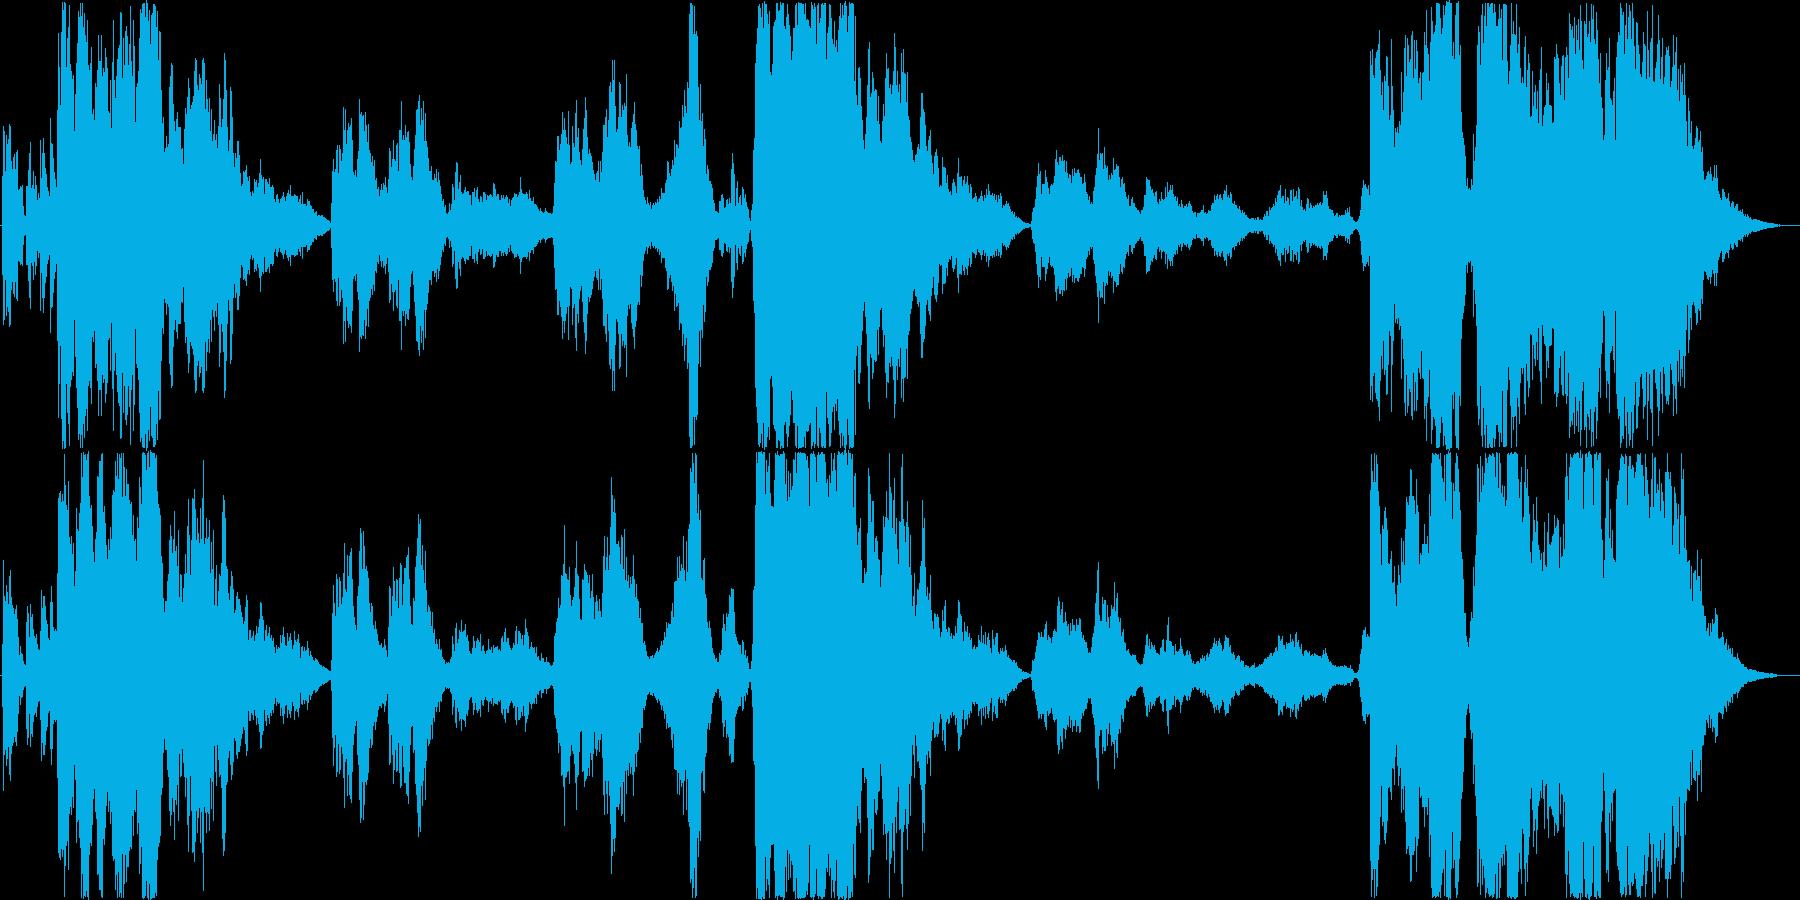 和風オーケストラ(和太鼓) 生ける岩山の再生済みの波形